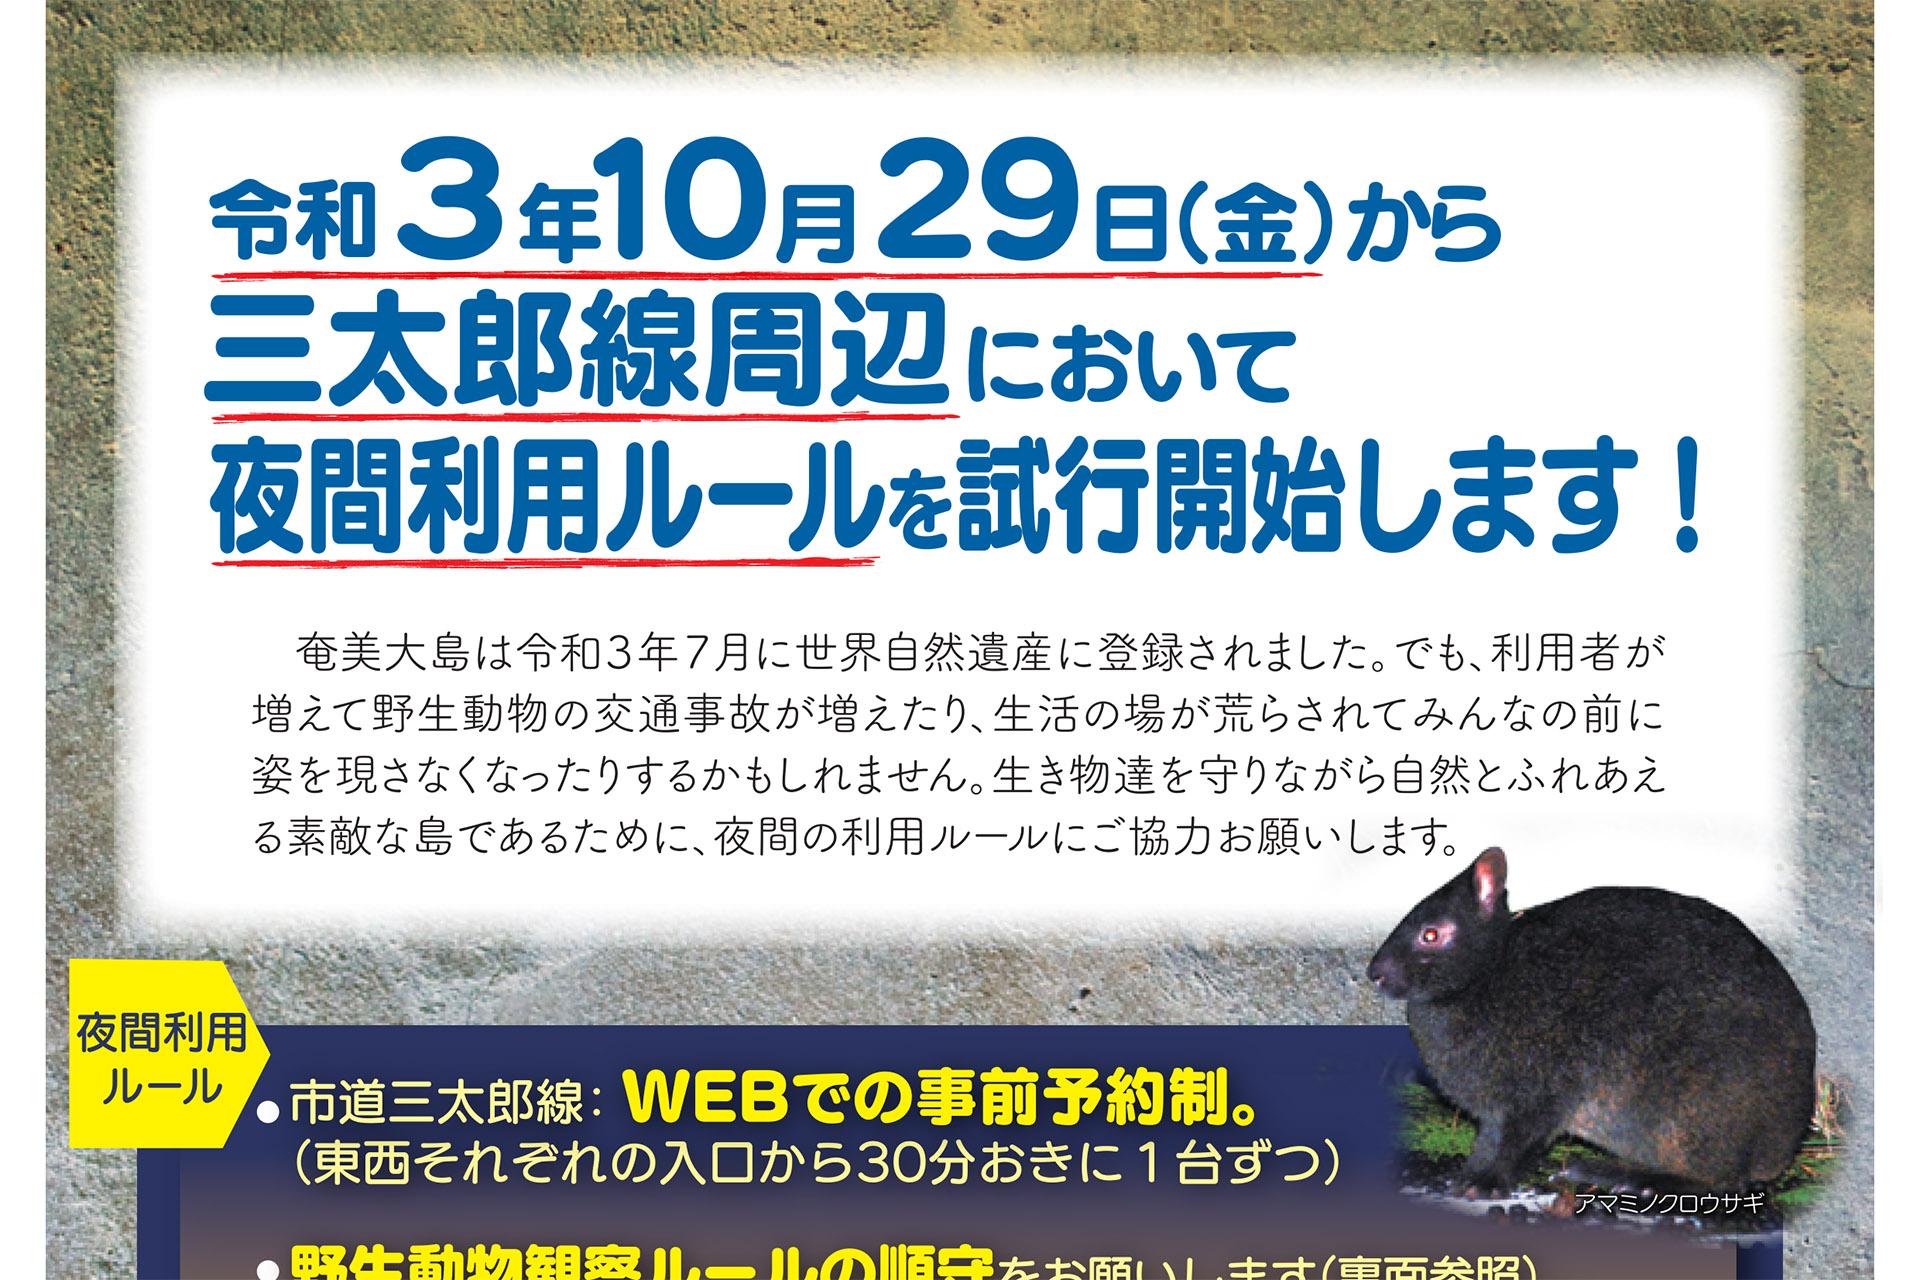 奄美大島の市道三太郎線周辺で夜間利用ルールの試行を10月31日開始